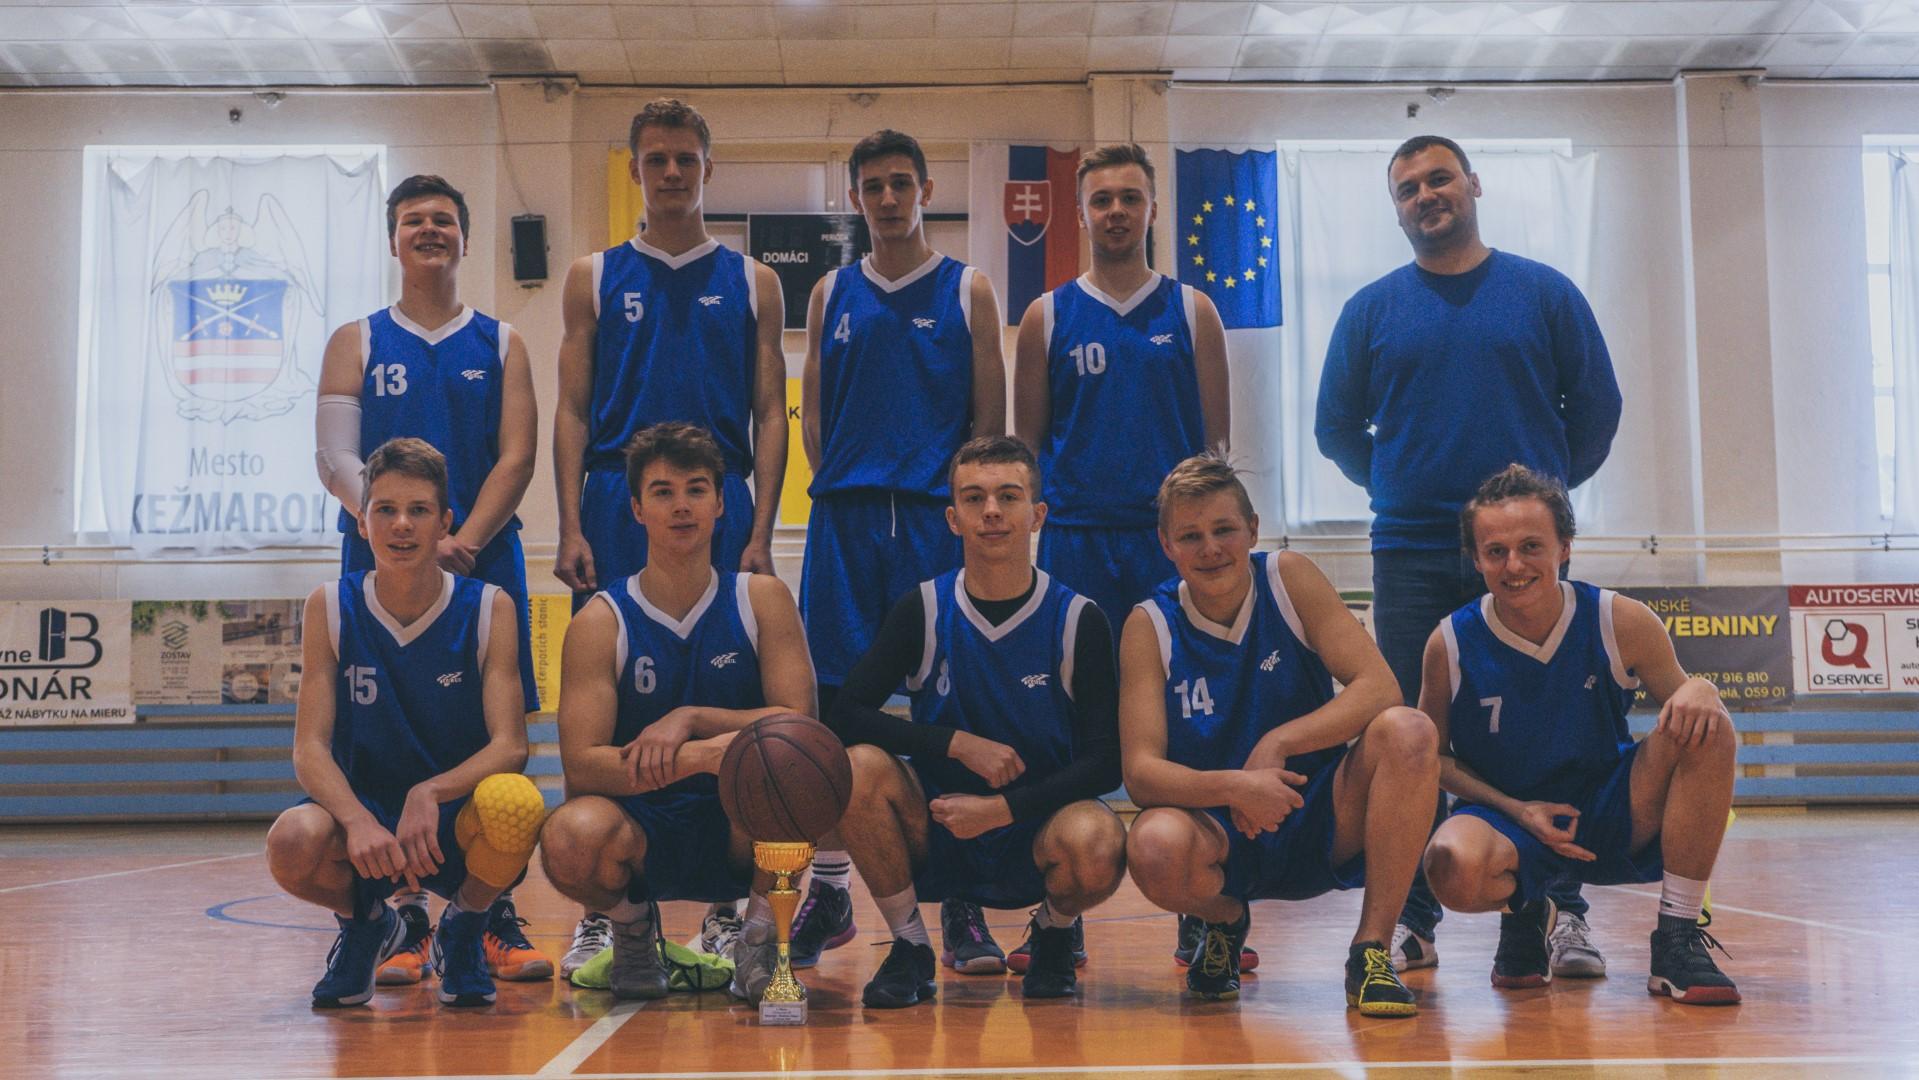 Okresný turnaj stredných škôl v basketbale